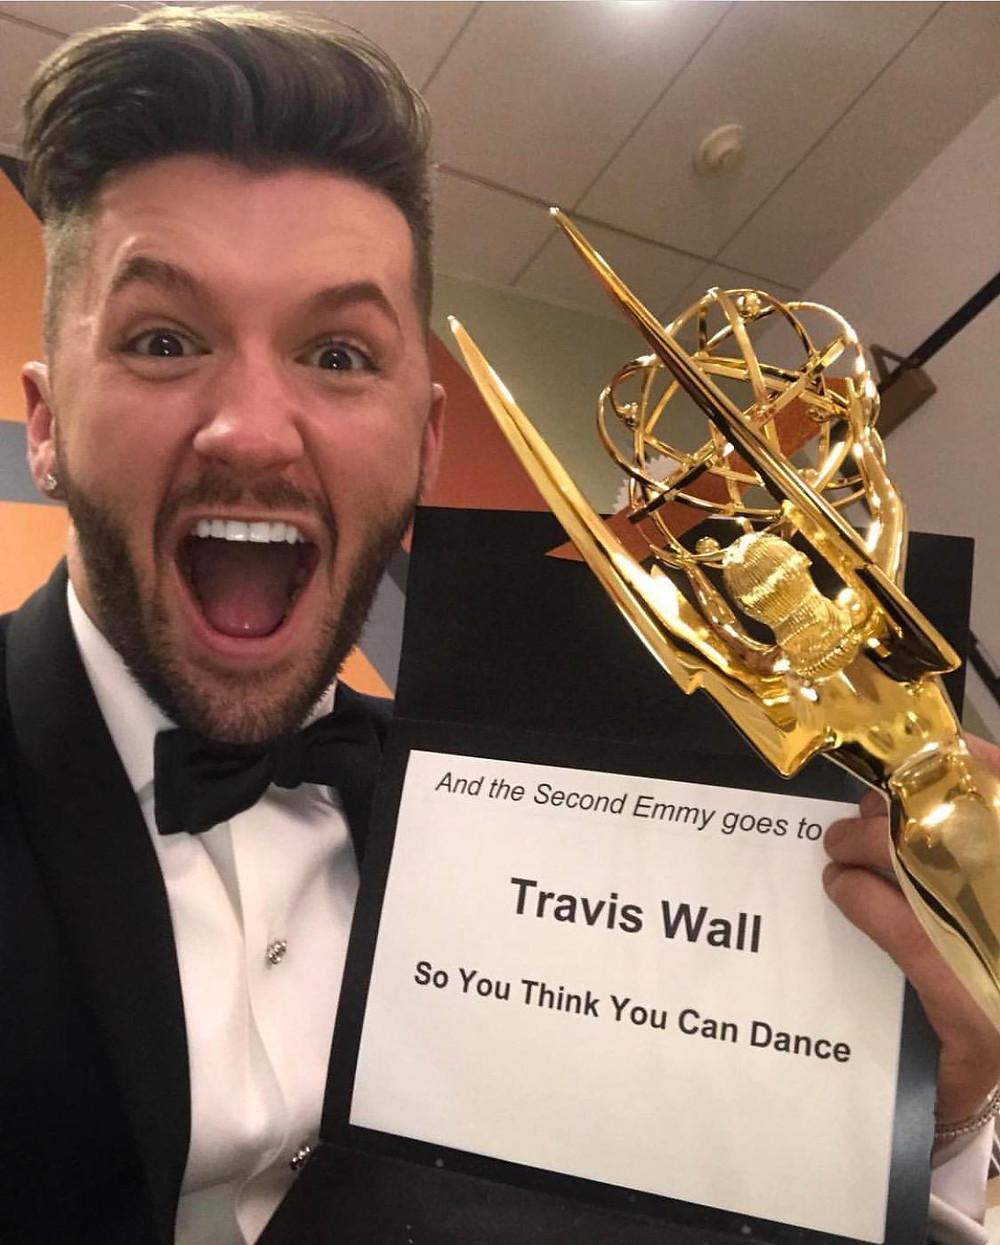 Travis-Wall-Emmys